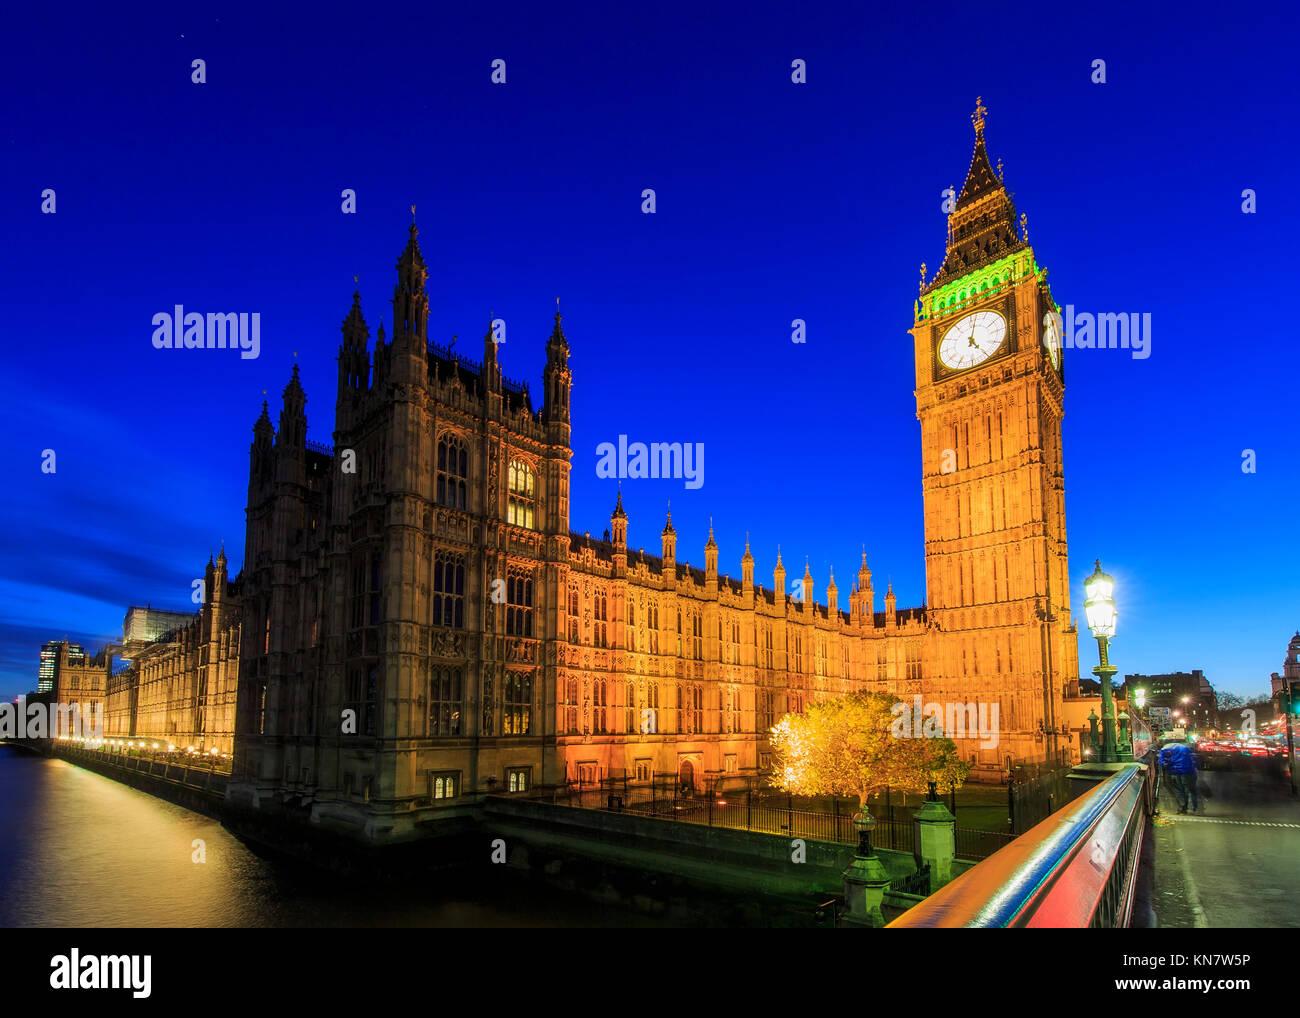 Londra, NOV 13: vista notturna del famoso Big Ben il Nov 13, 2015 a Londra, Regno Unito Immagini Stock